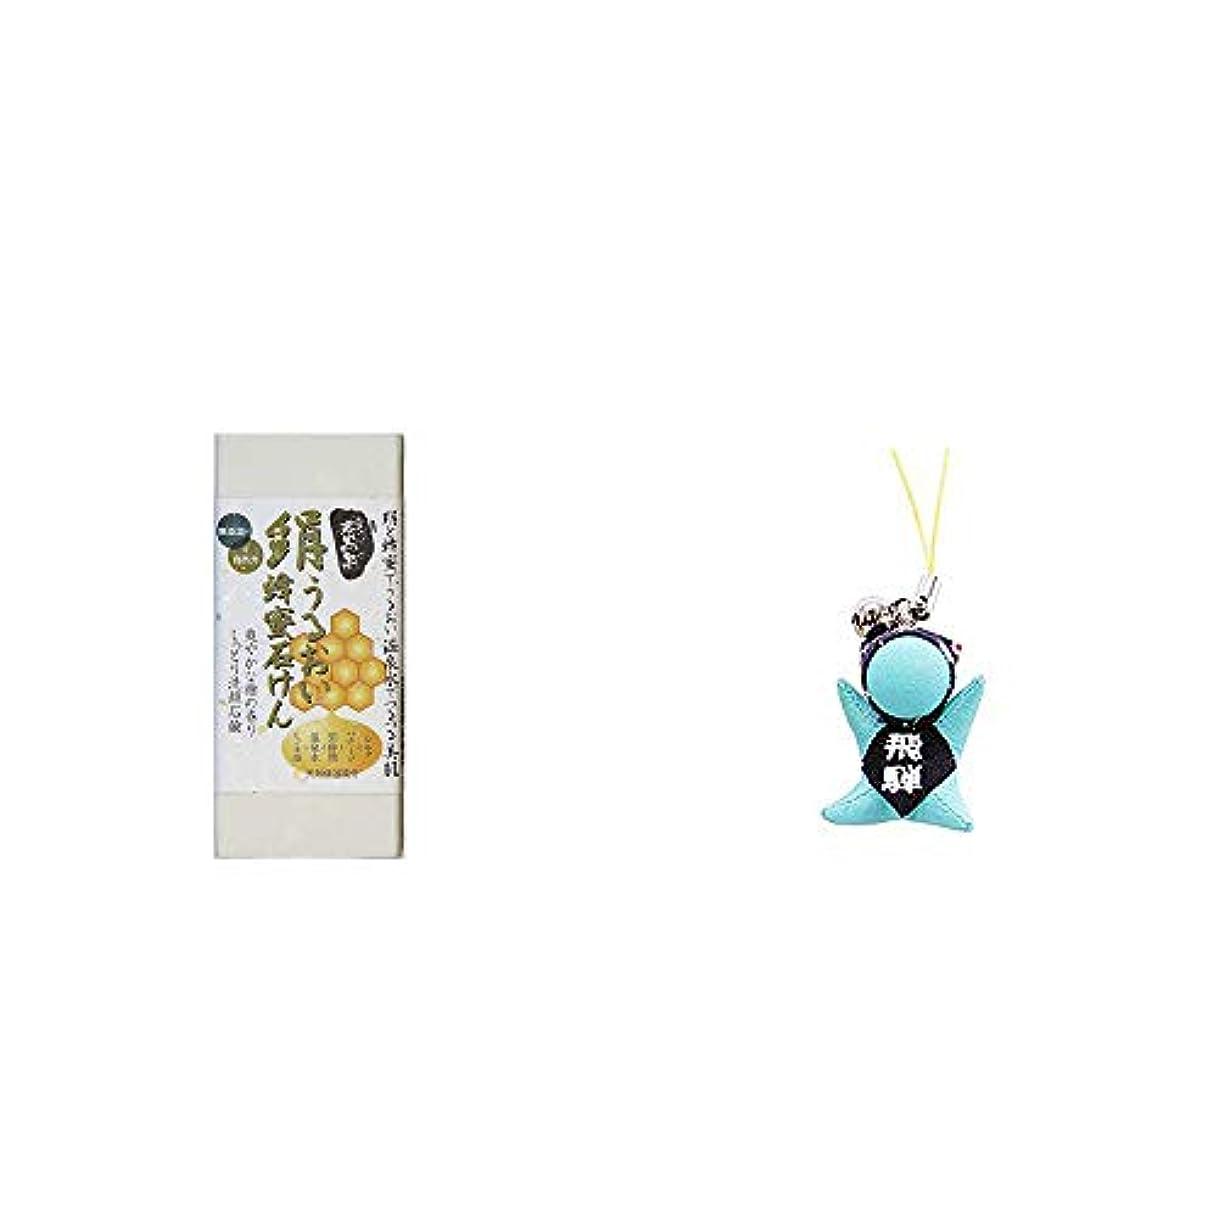 研究所悲劇的な子羊[2点セット] ひのき炭黒泉 絹うるおい蜂蜜石けん(75g×2)?さるぼぼ幸福ストラップ 【青】 / 風水カラー全9種類 合格祈願?出世祈願 お守り//